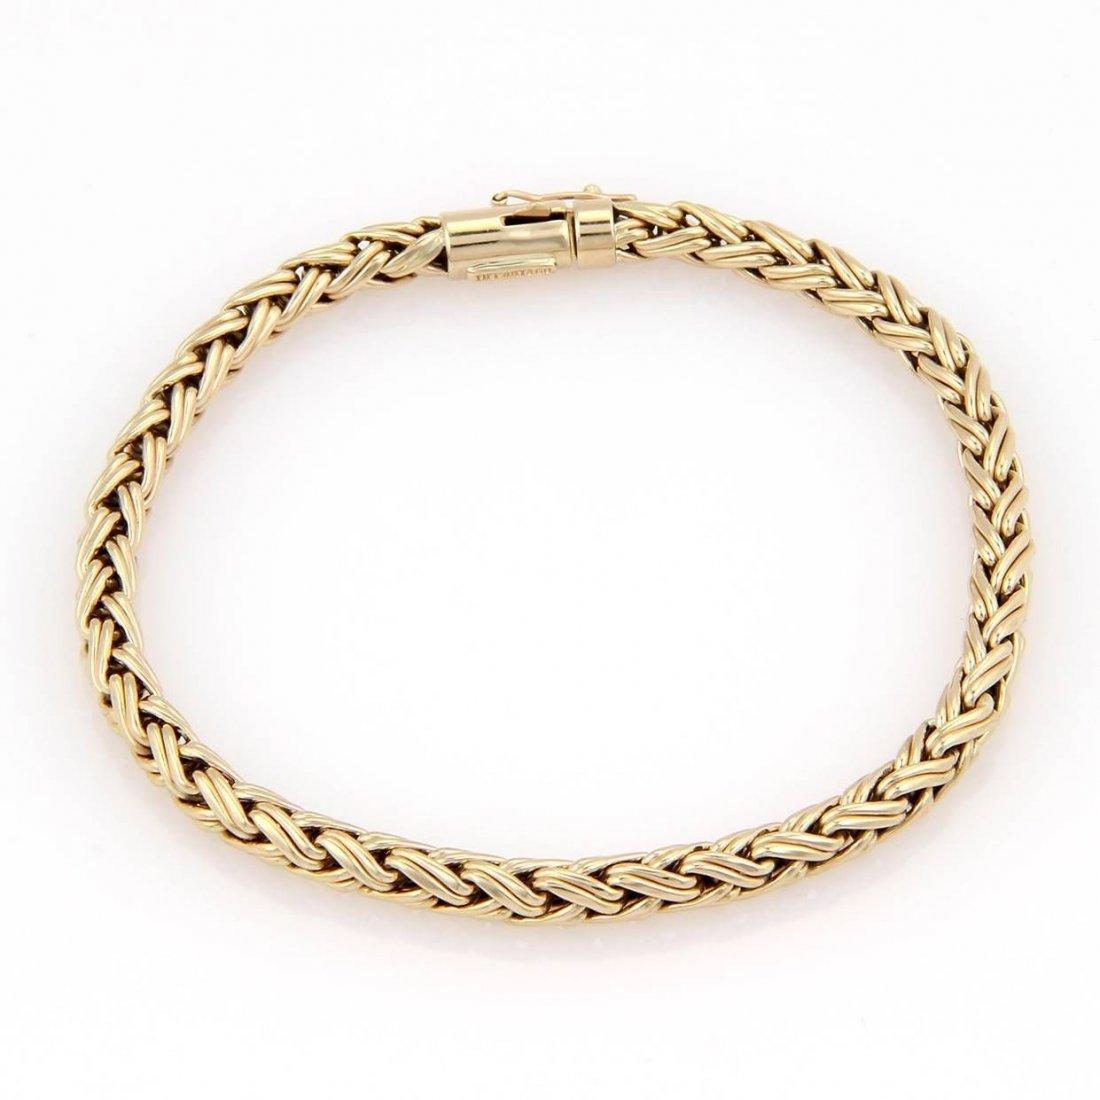 Tiffany & Co 14kt Yellow Gold Russian Weave Bracelet